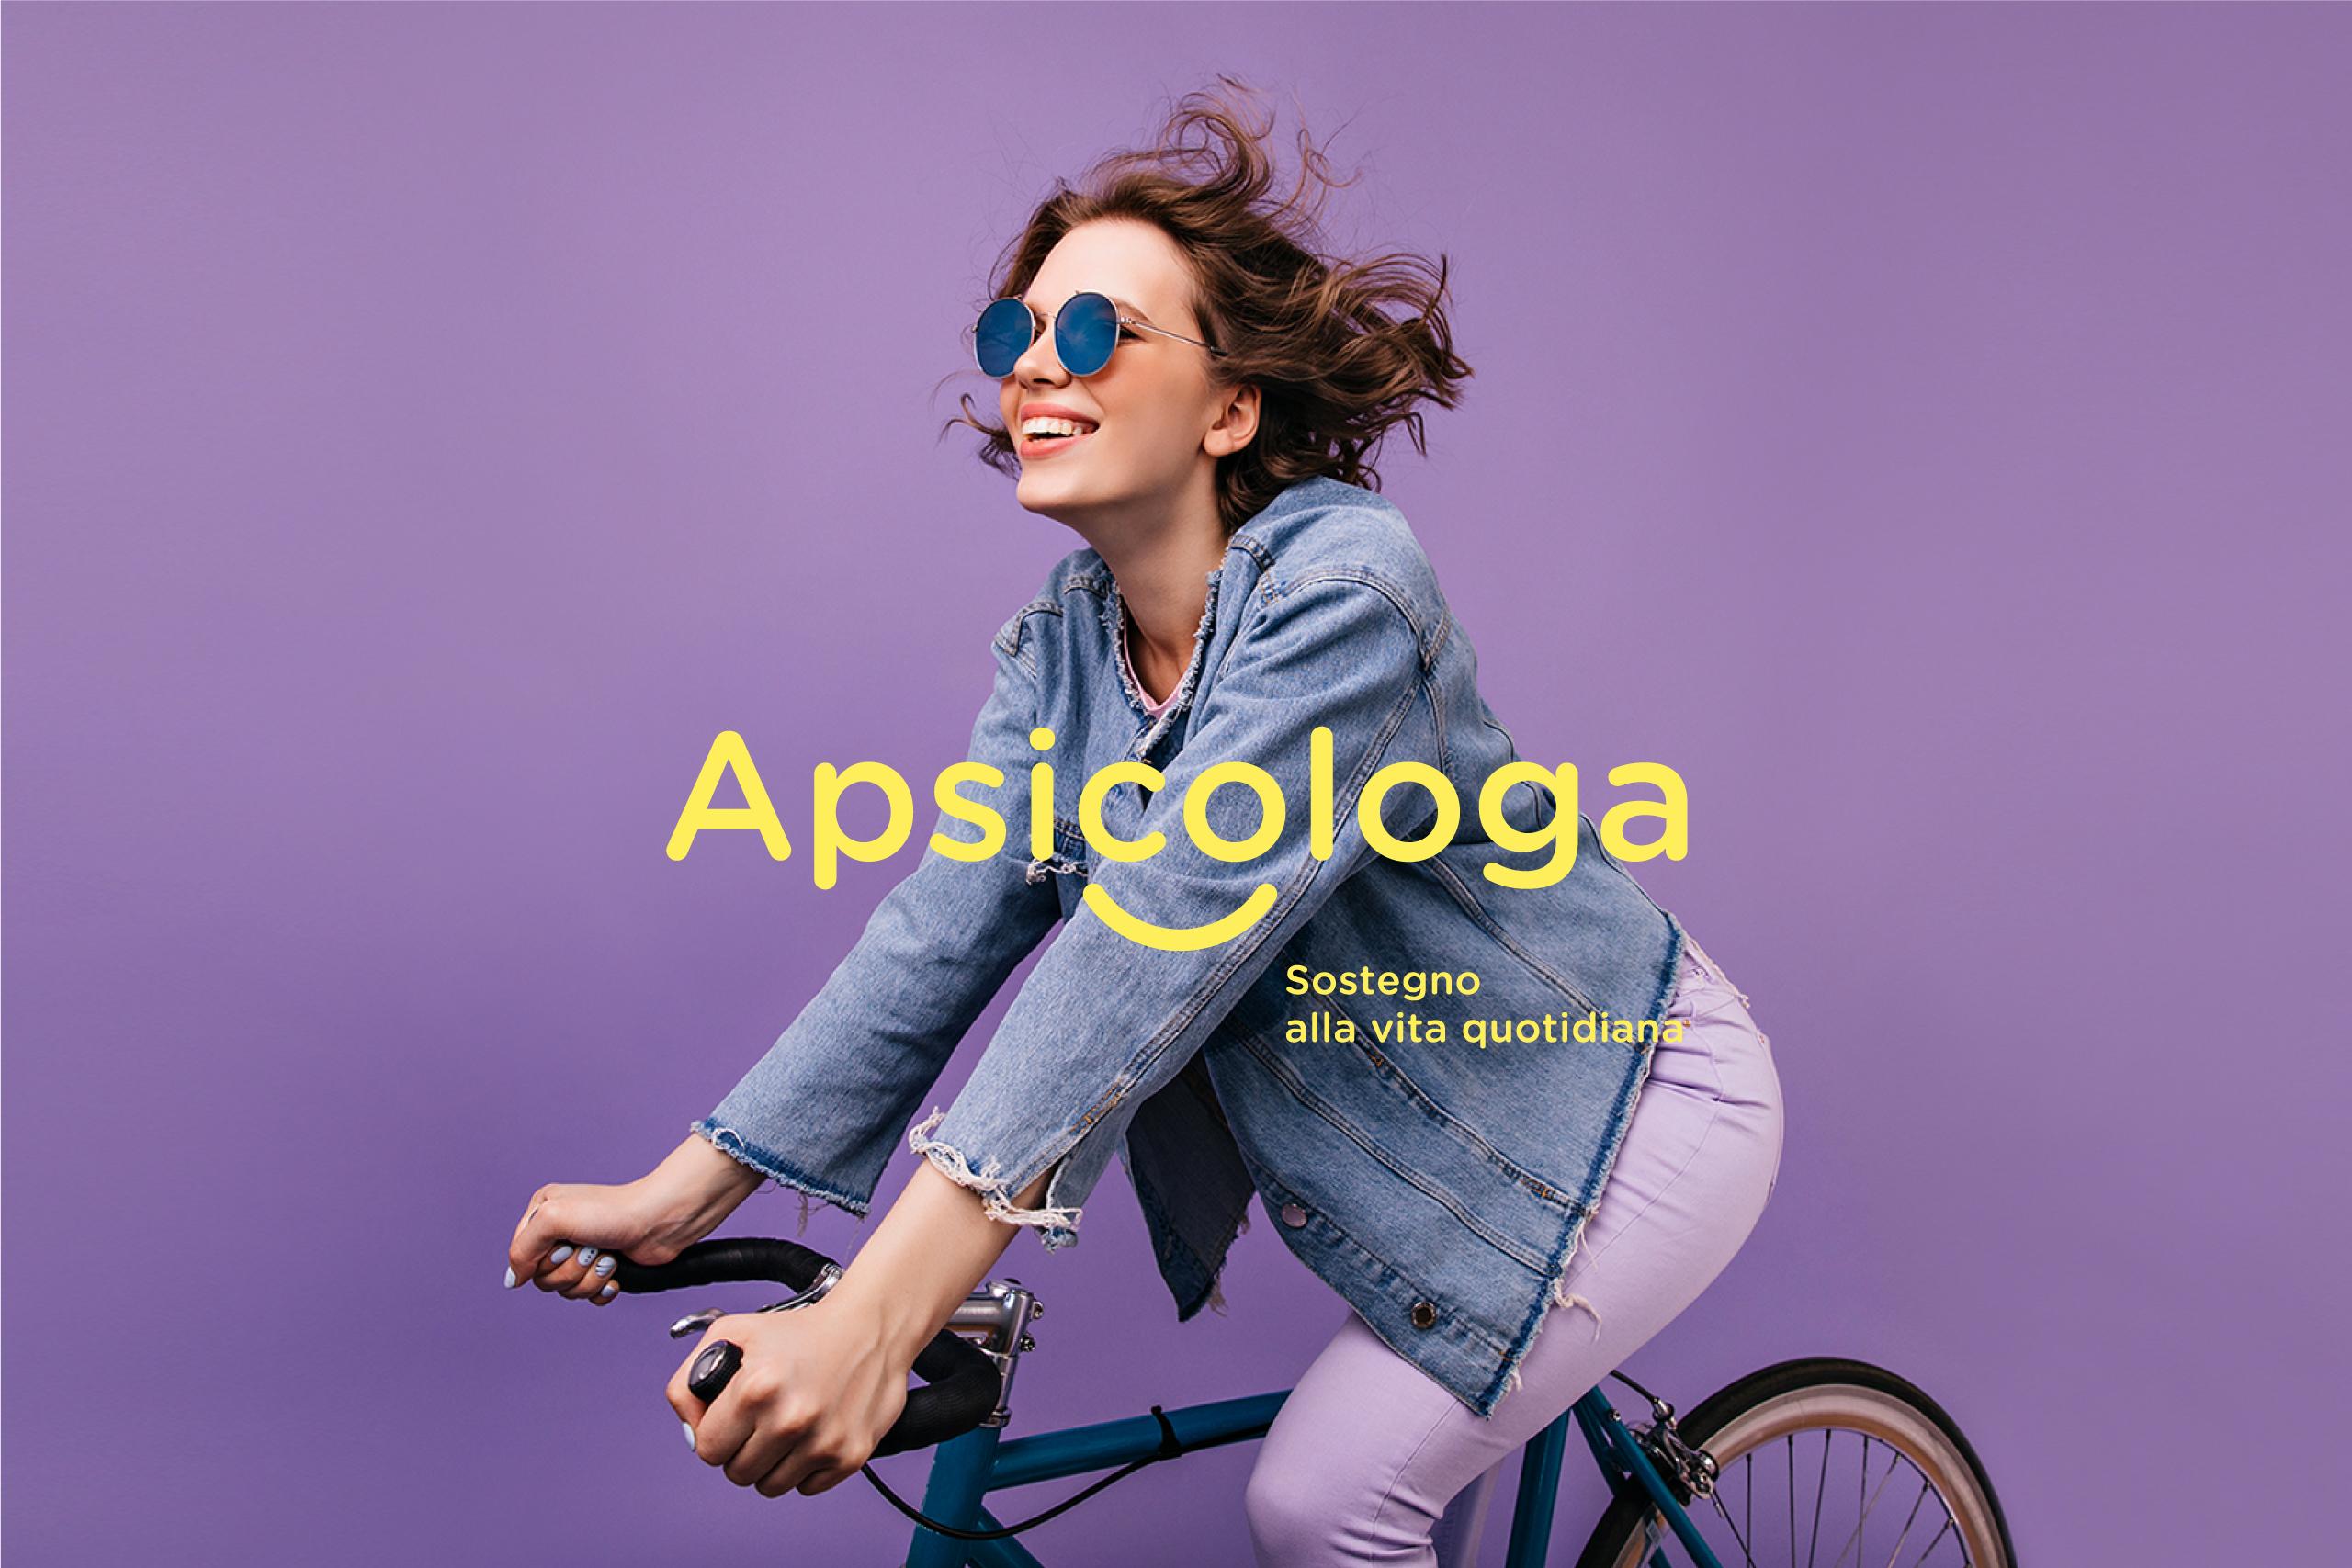 → Apsicologa / Sostegno alla vita quotidiana